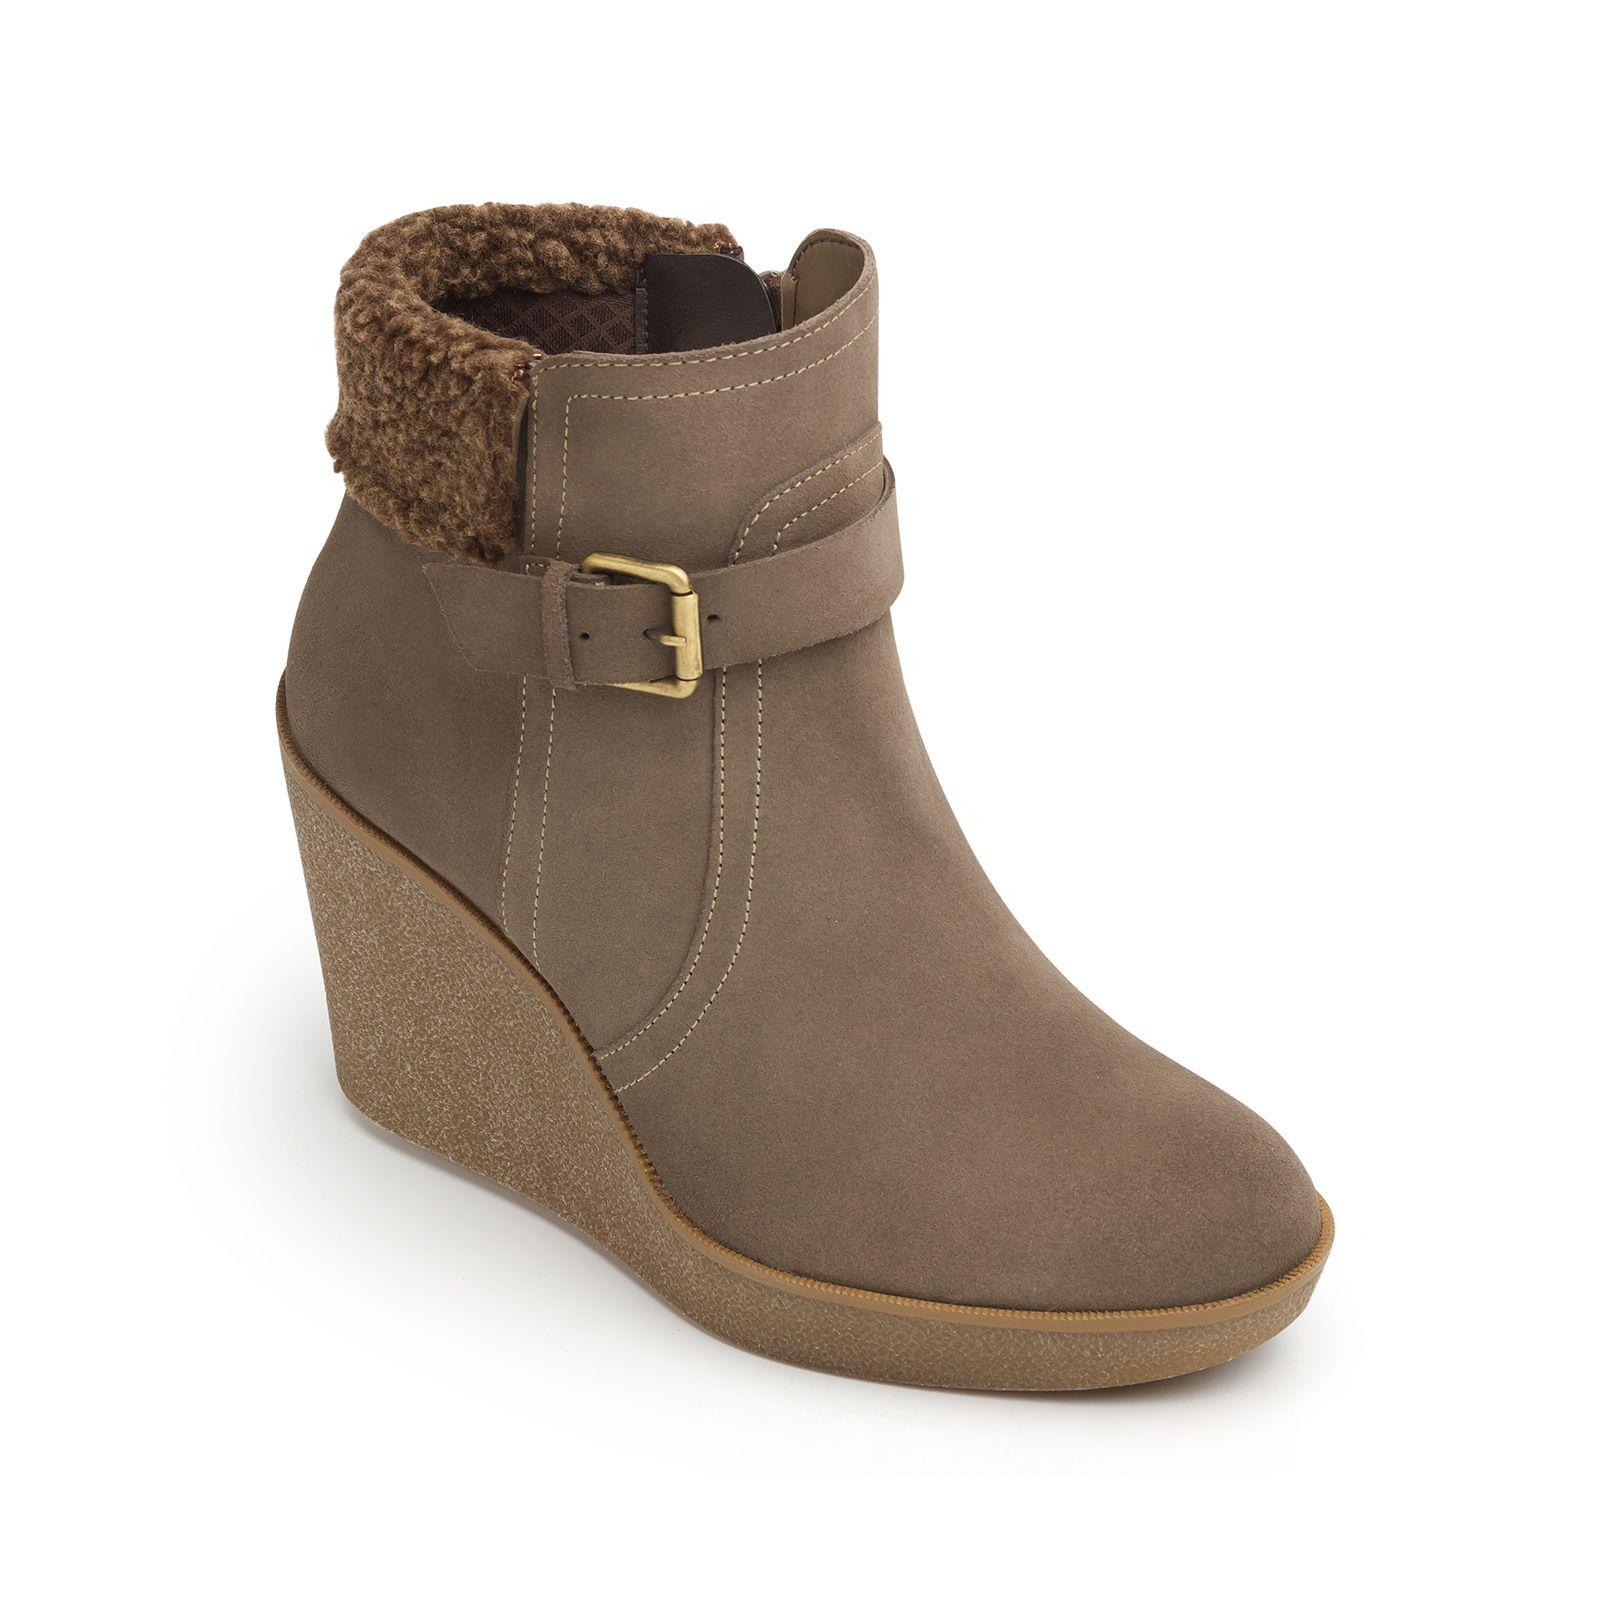 e4e6afbc83361 Nueva línea de bota y botín con plataforma alta con suela de termoplástico  tipo…